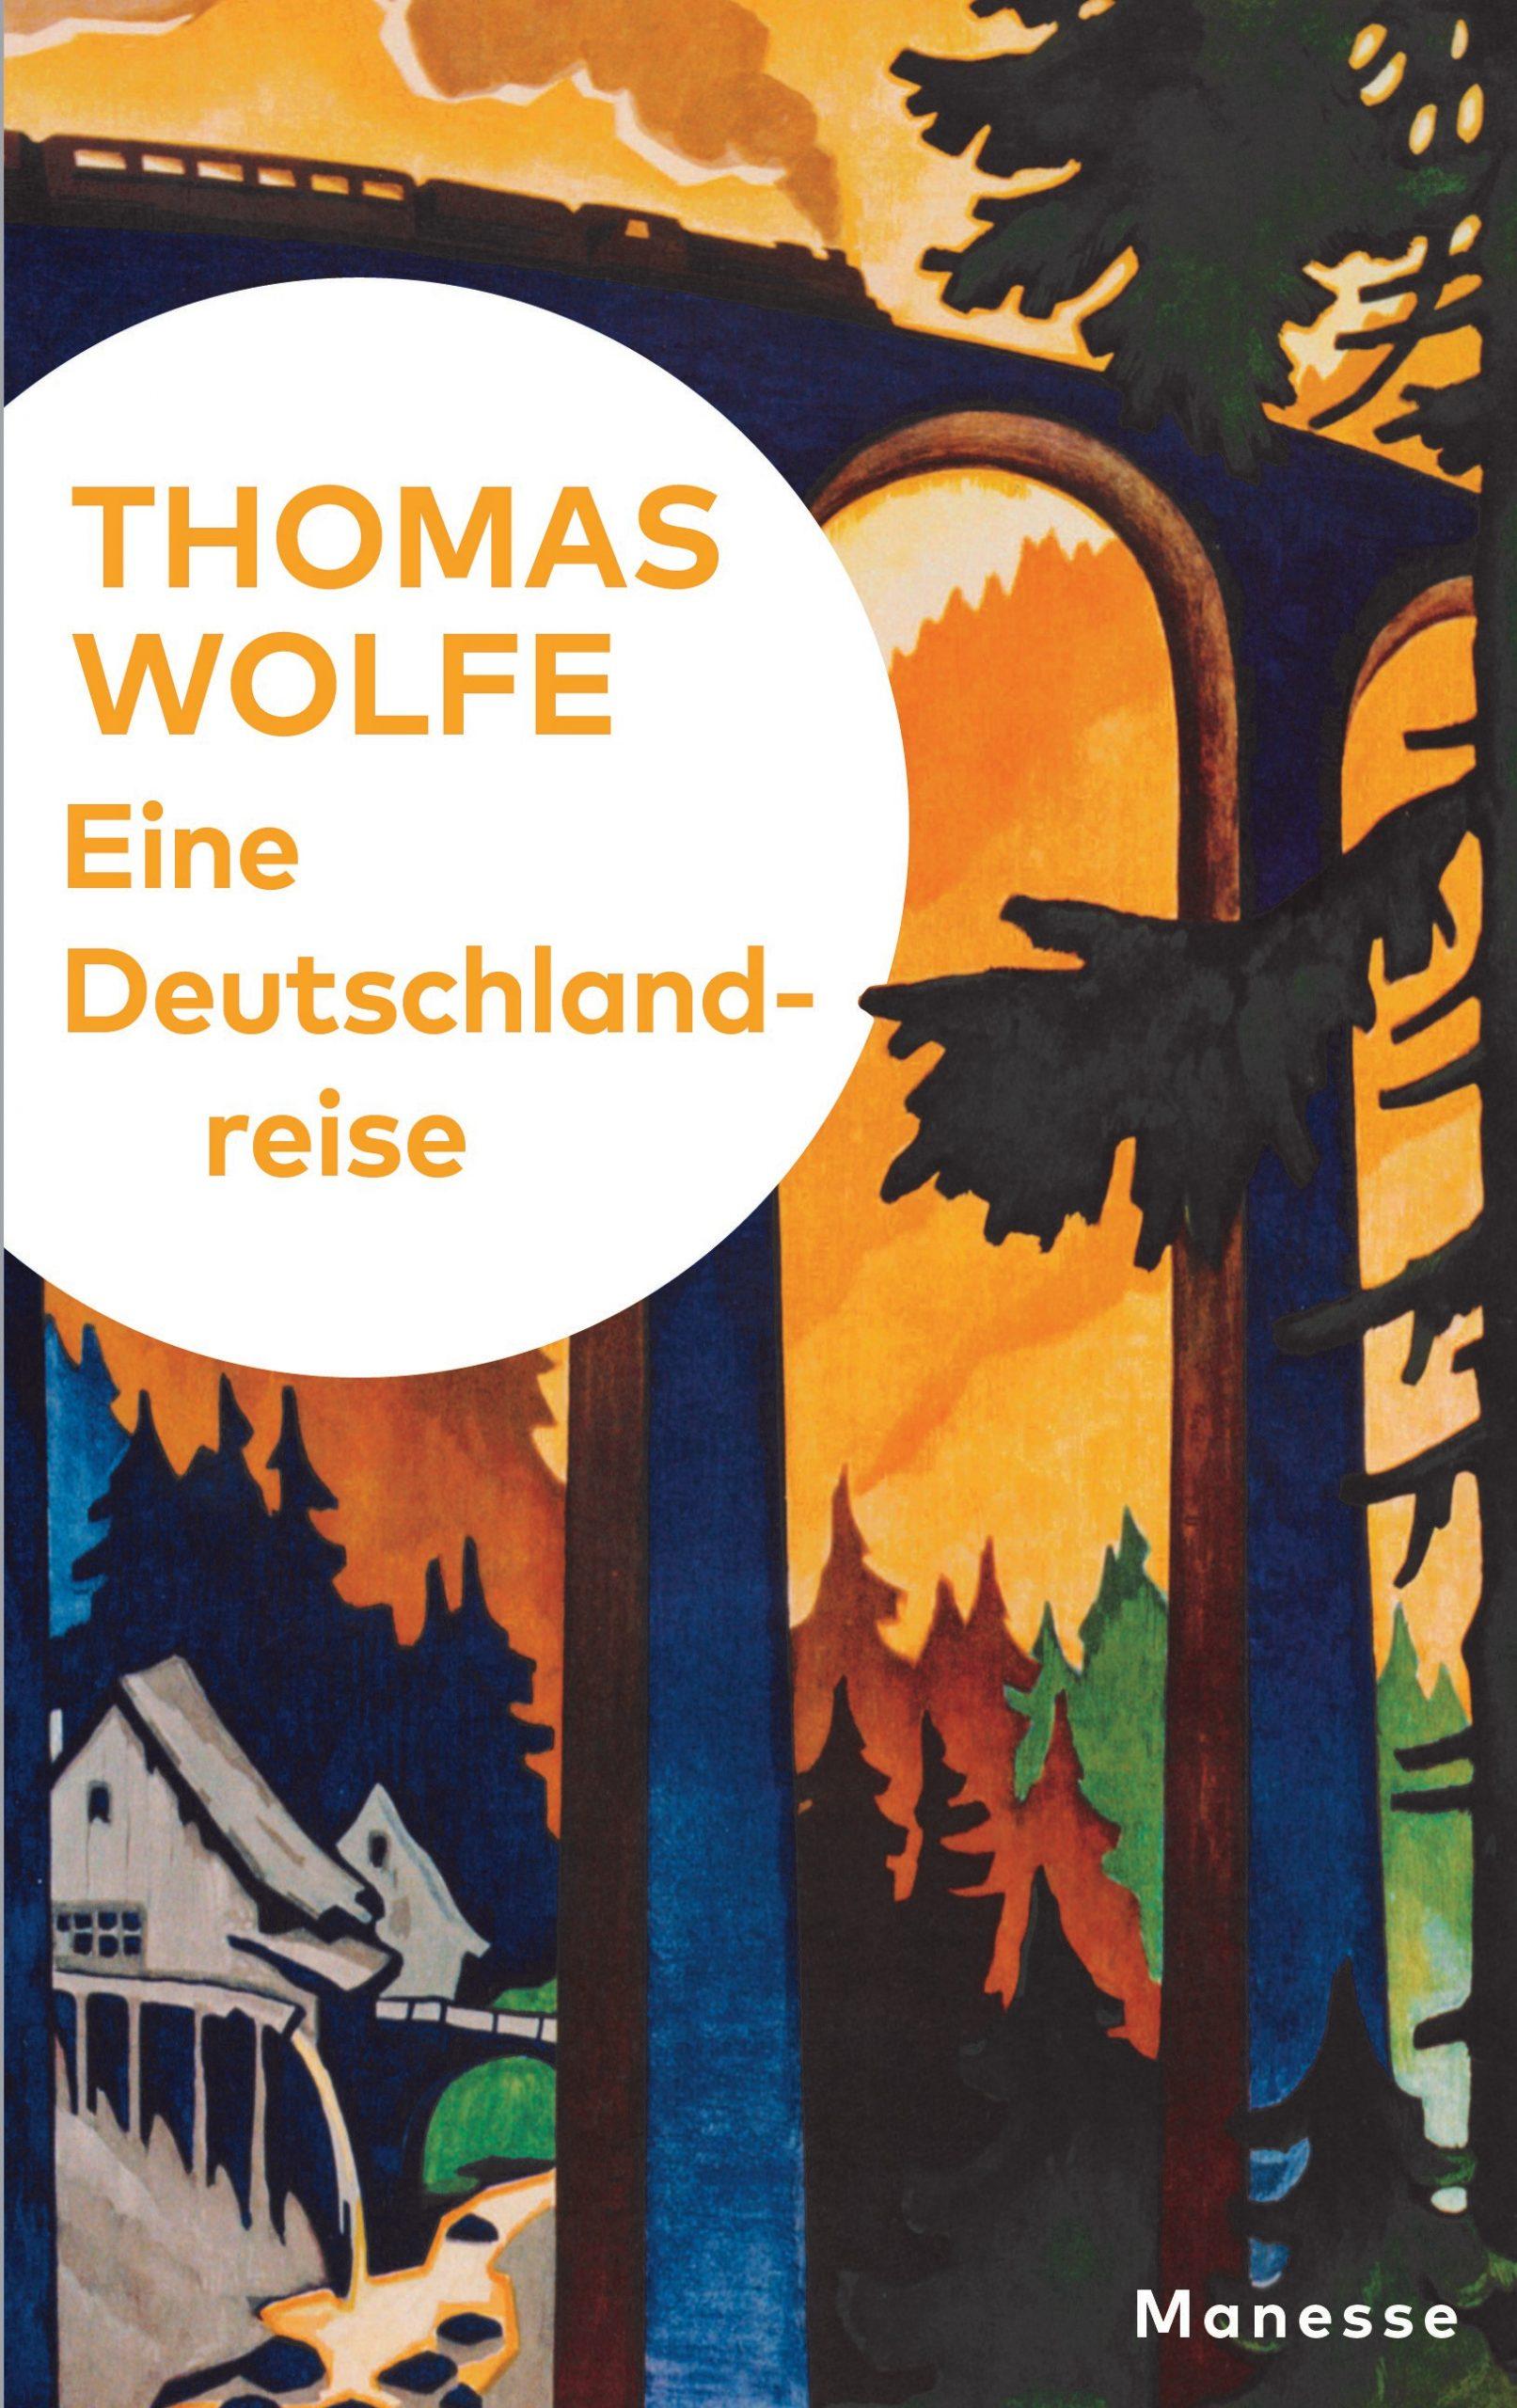 Eine Deutschlandreise von Thomas Wolfe